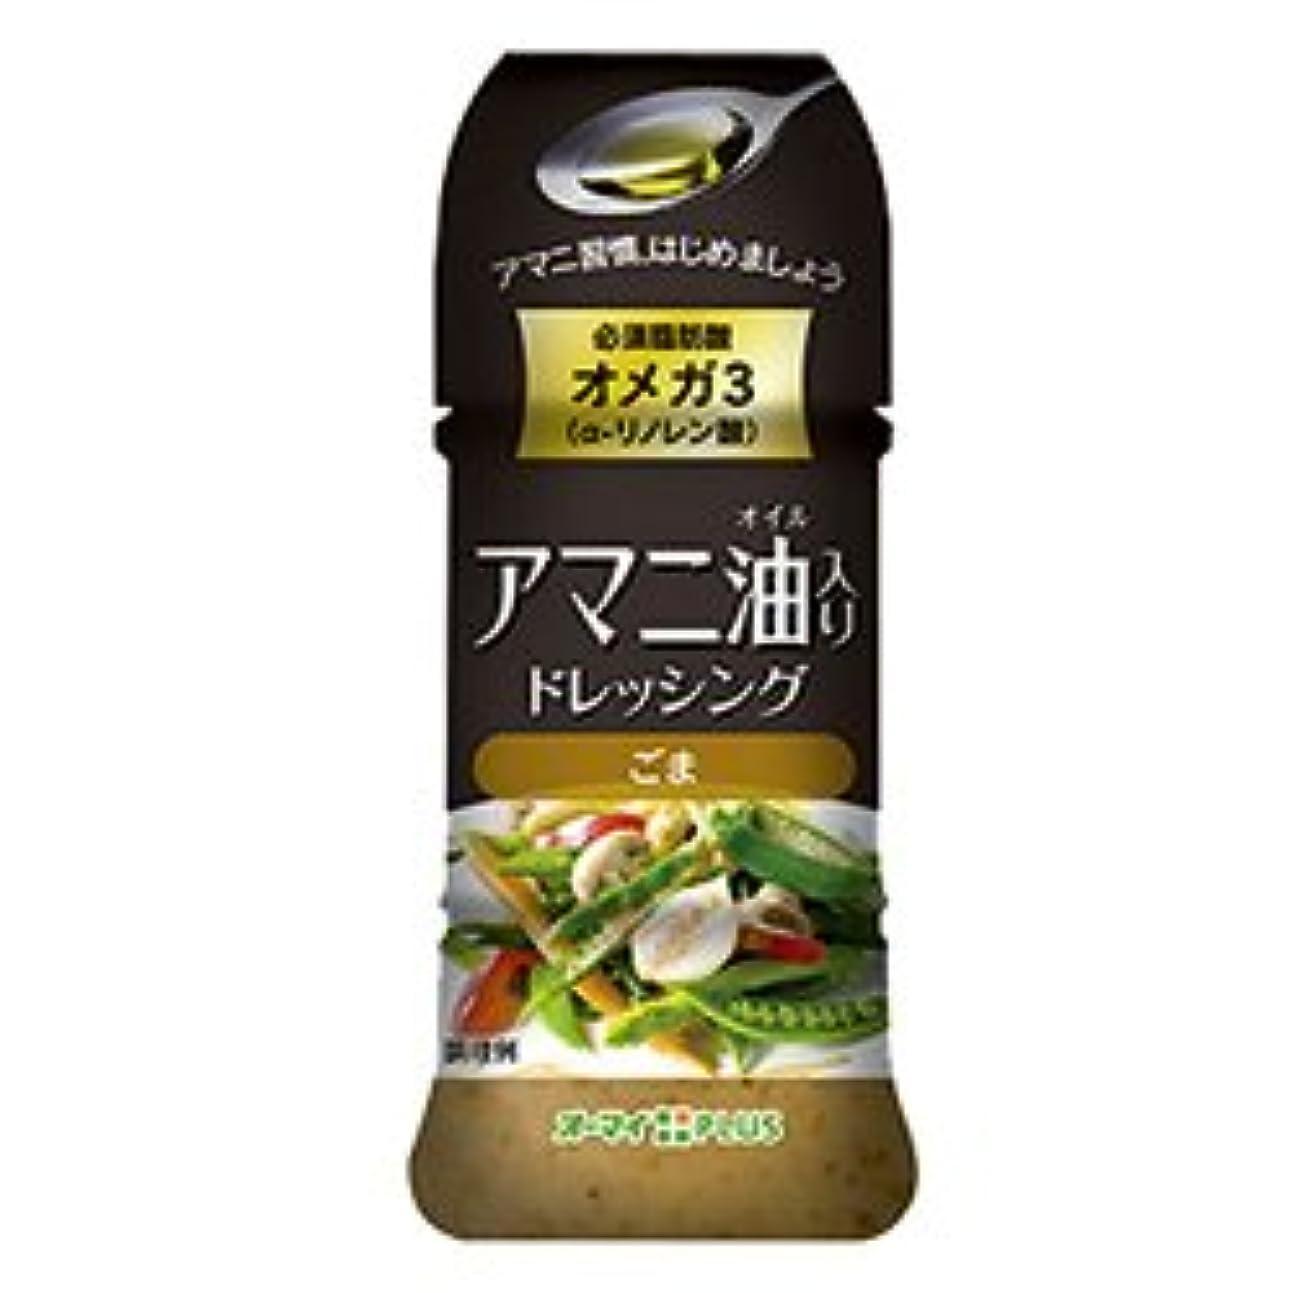 ギターベッツィトロットウッドライラックアマニ油ドレッシング ごま【5本セット】日本製粉